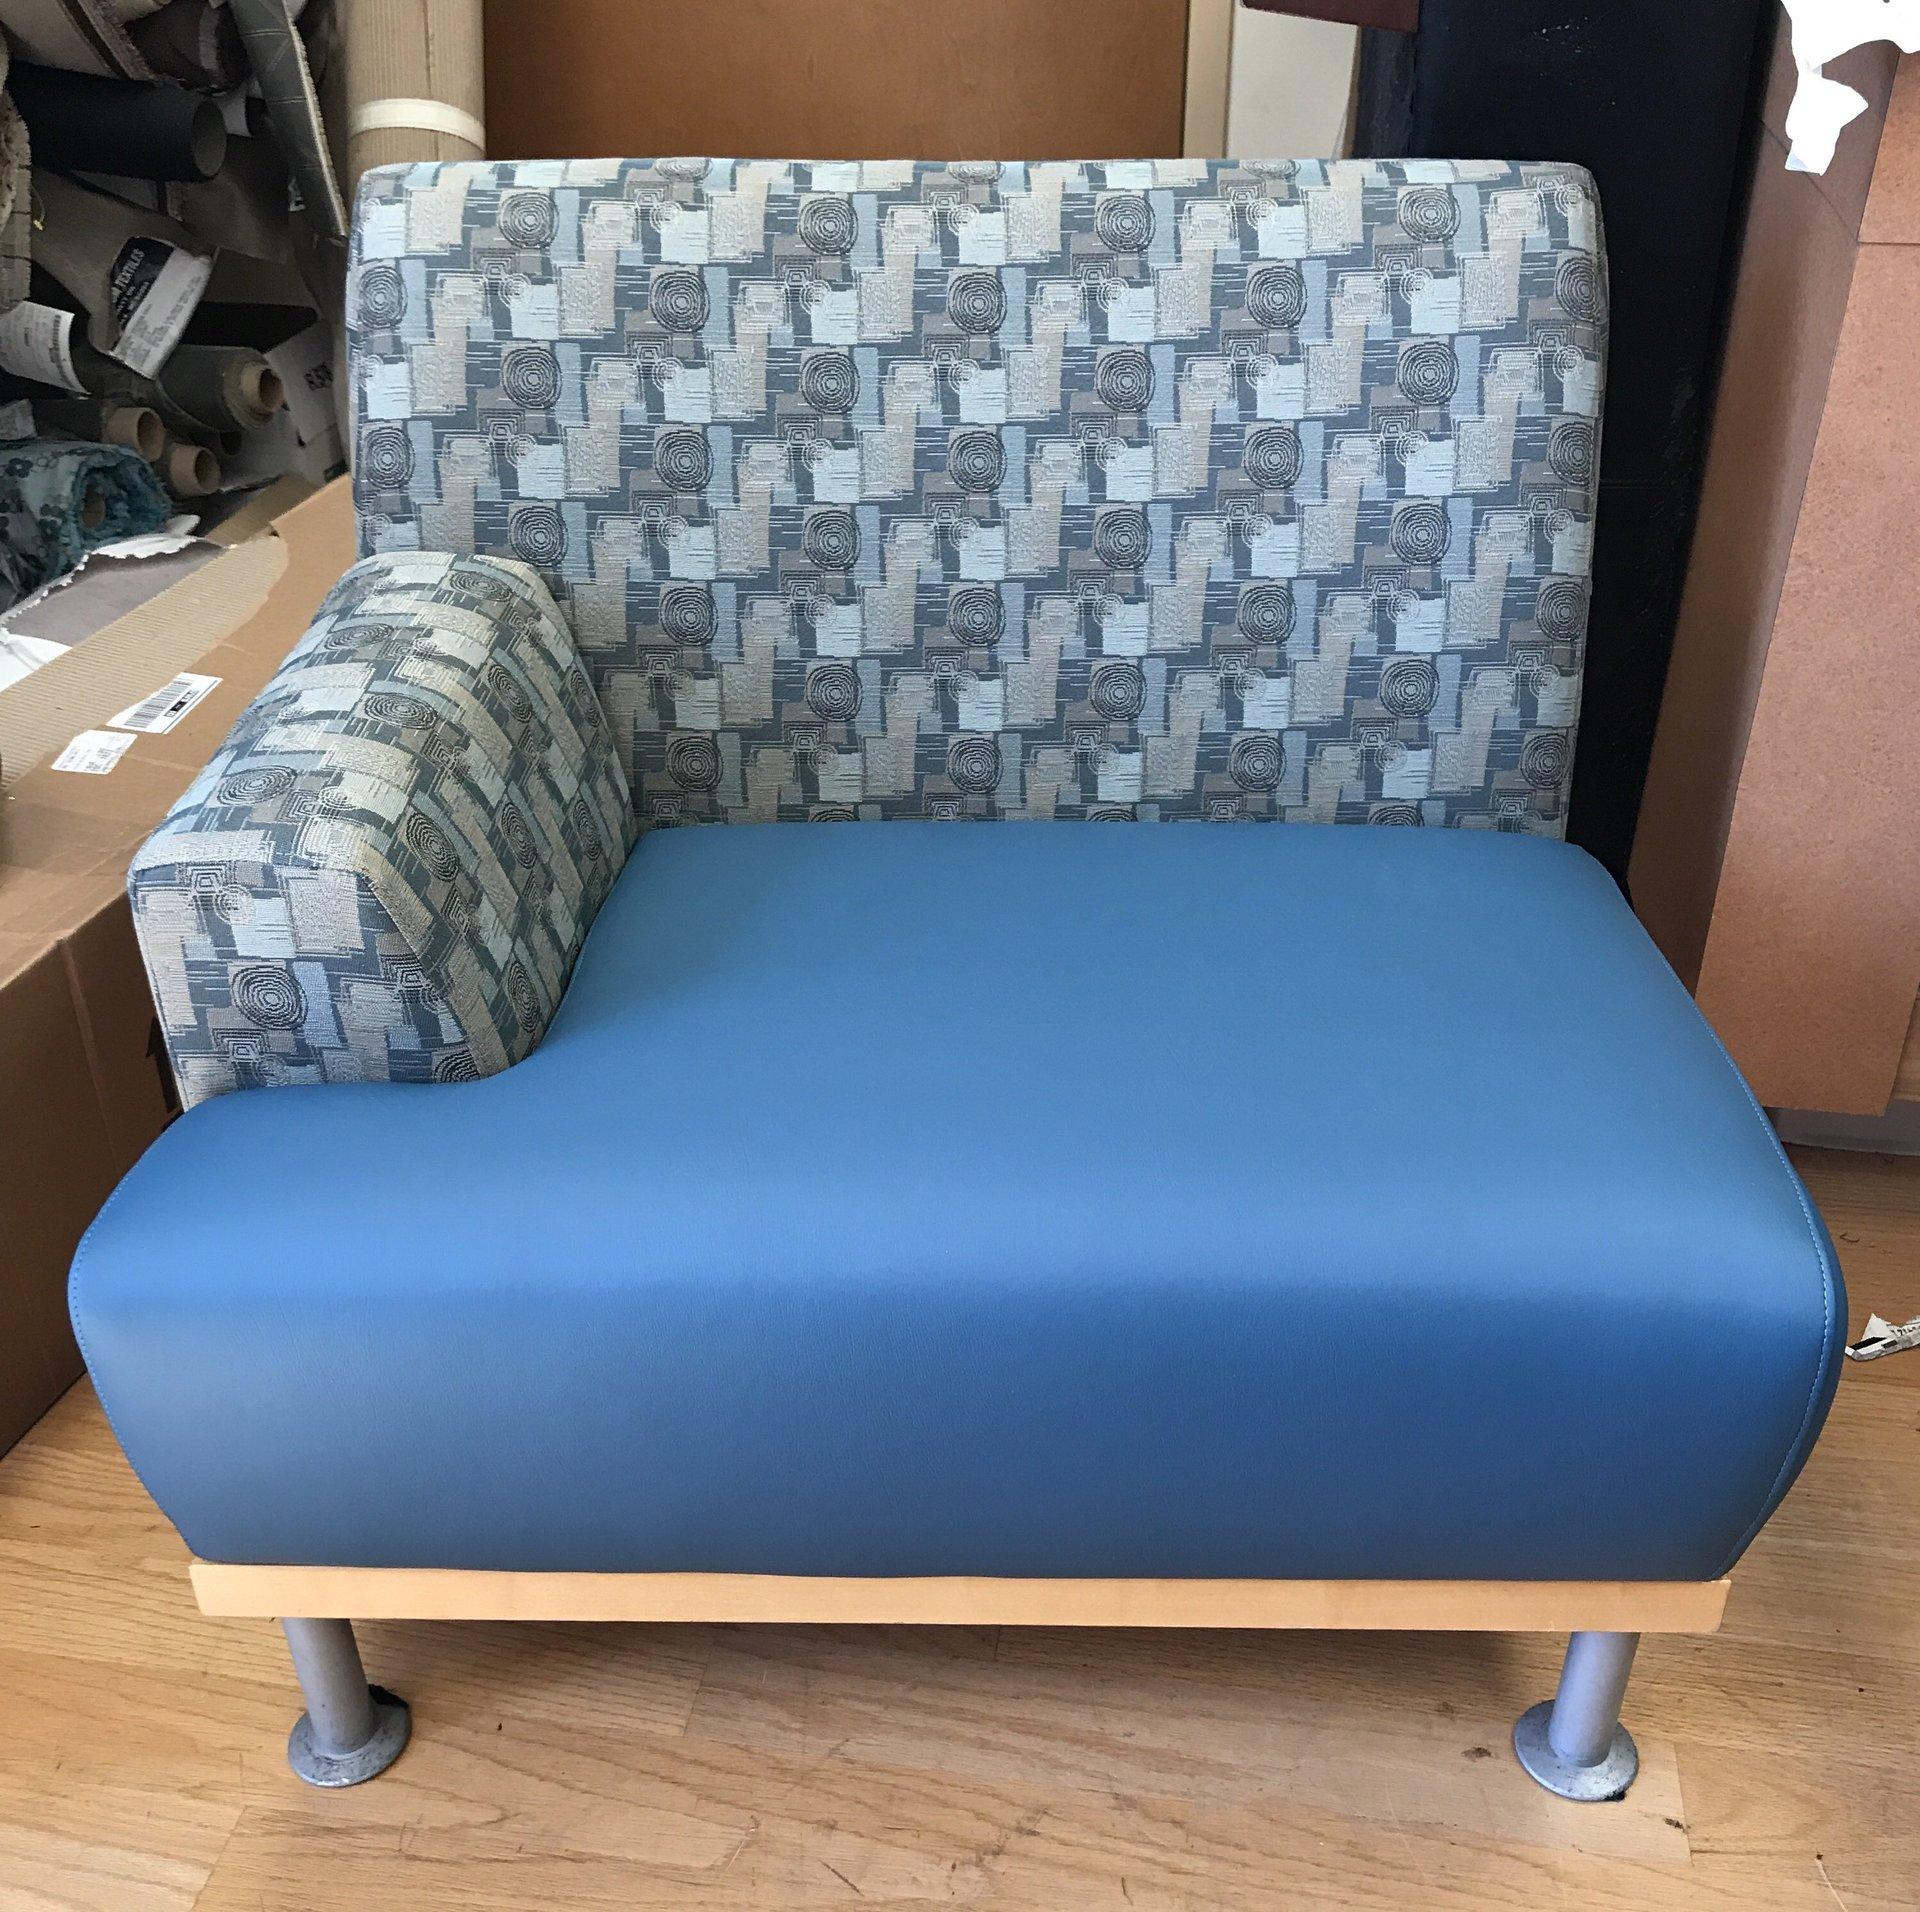 Durobilt Upholstery image 65